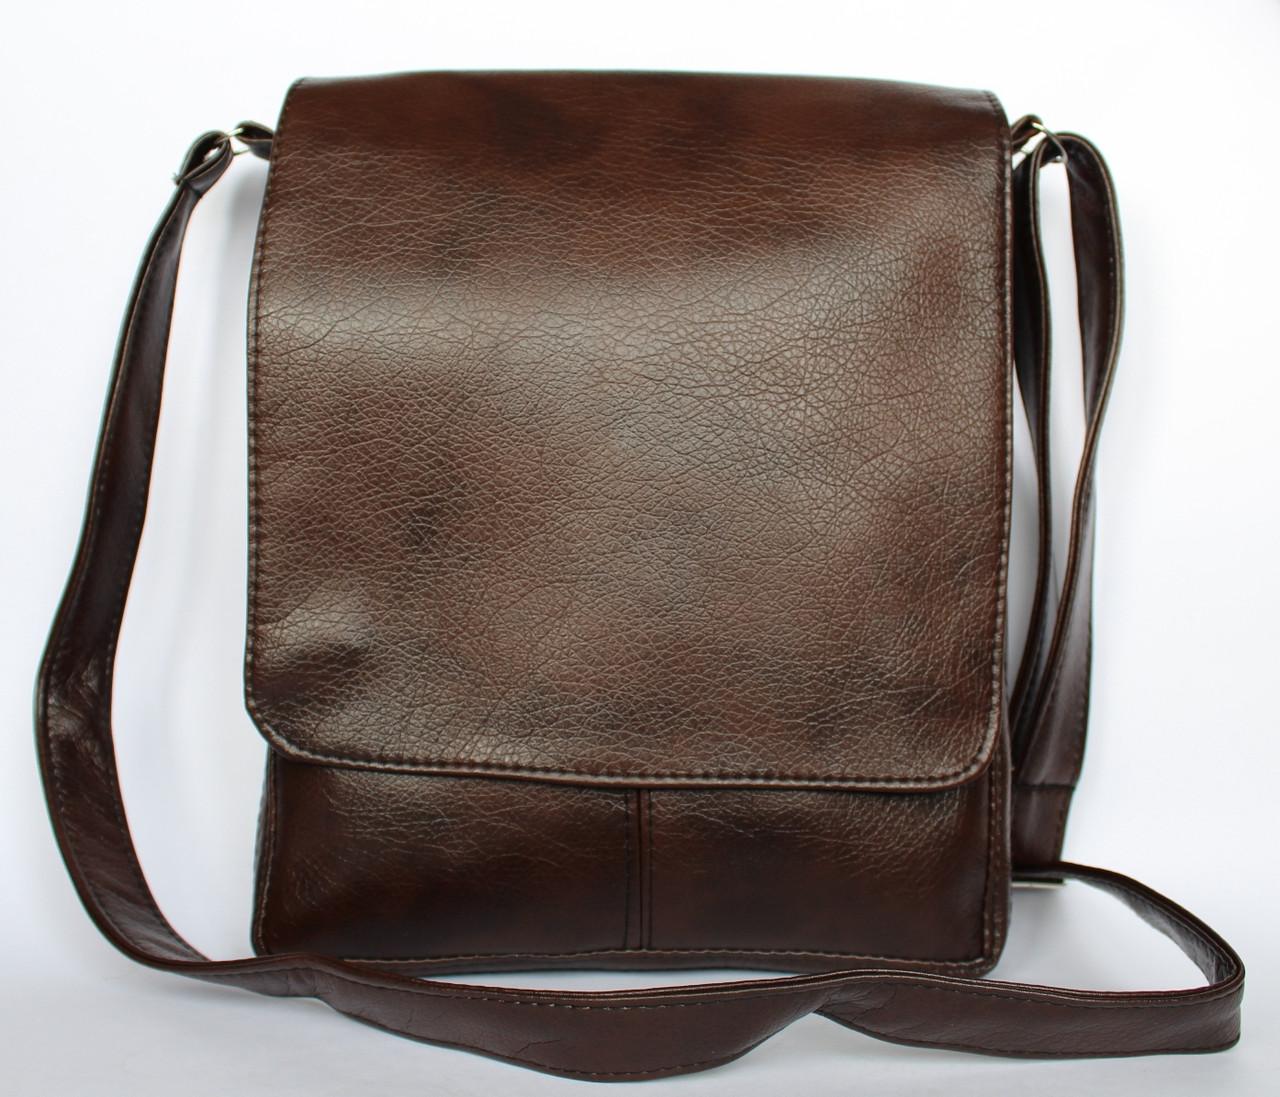 68c06b55f7b3 Мужская сумка коричневая под документы А4 через плечо - интернет магазин